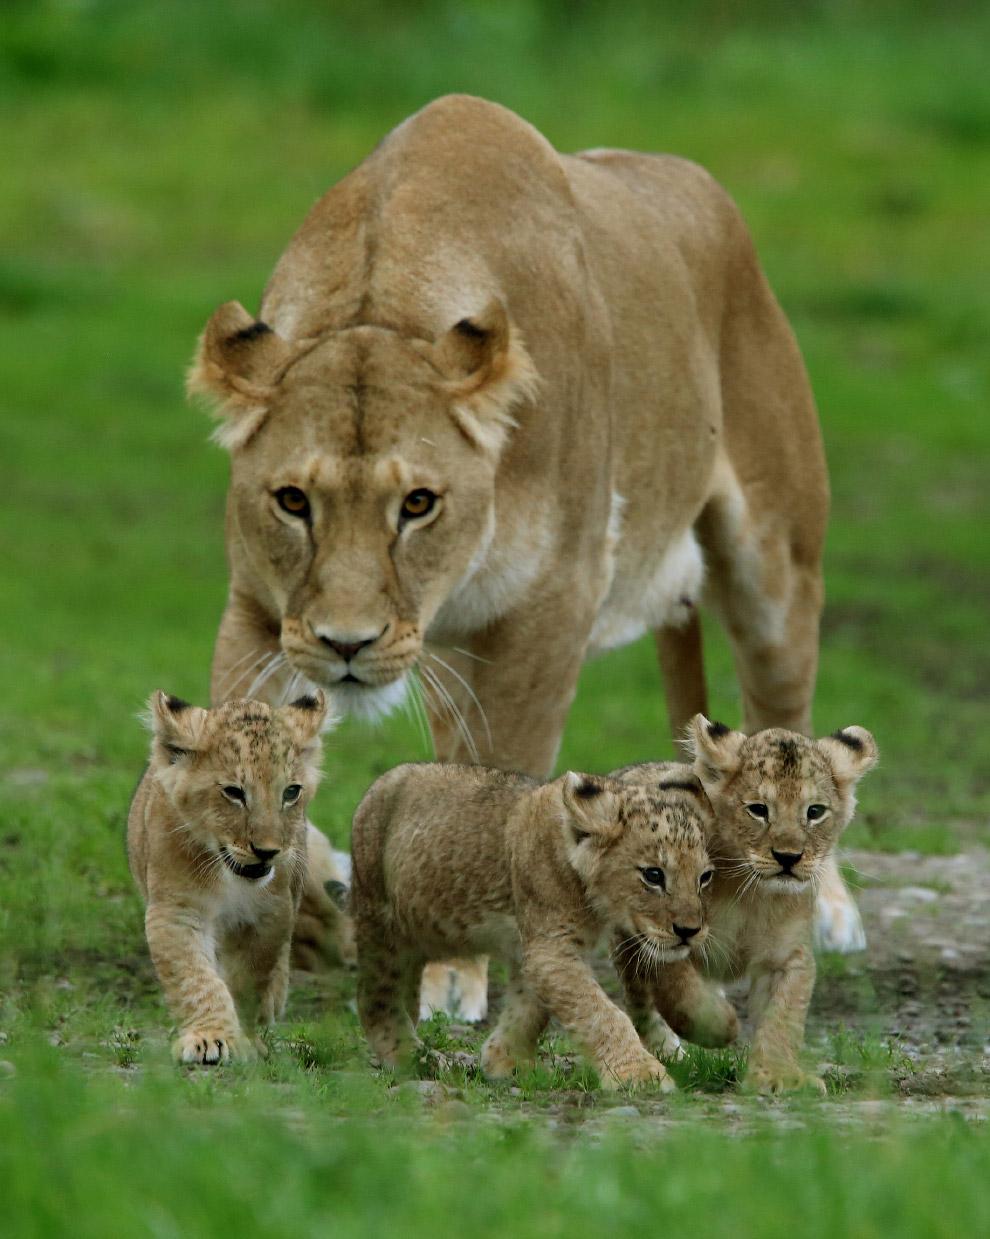 6. Львы относятся к уязвимым видам вследствие необратимого сокращения численности их популяции.